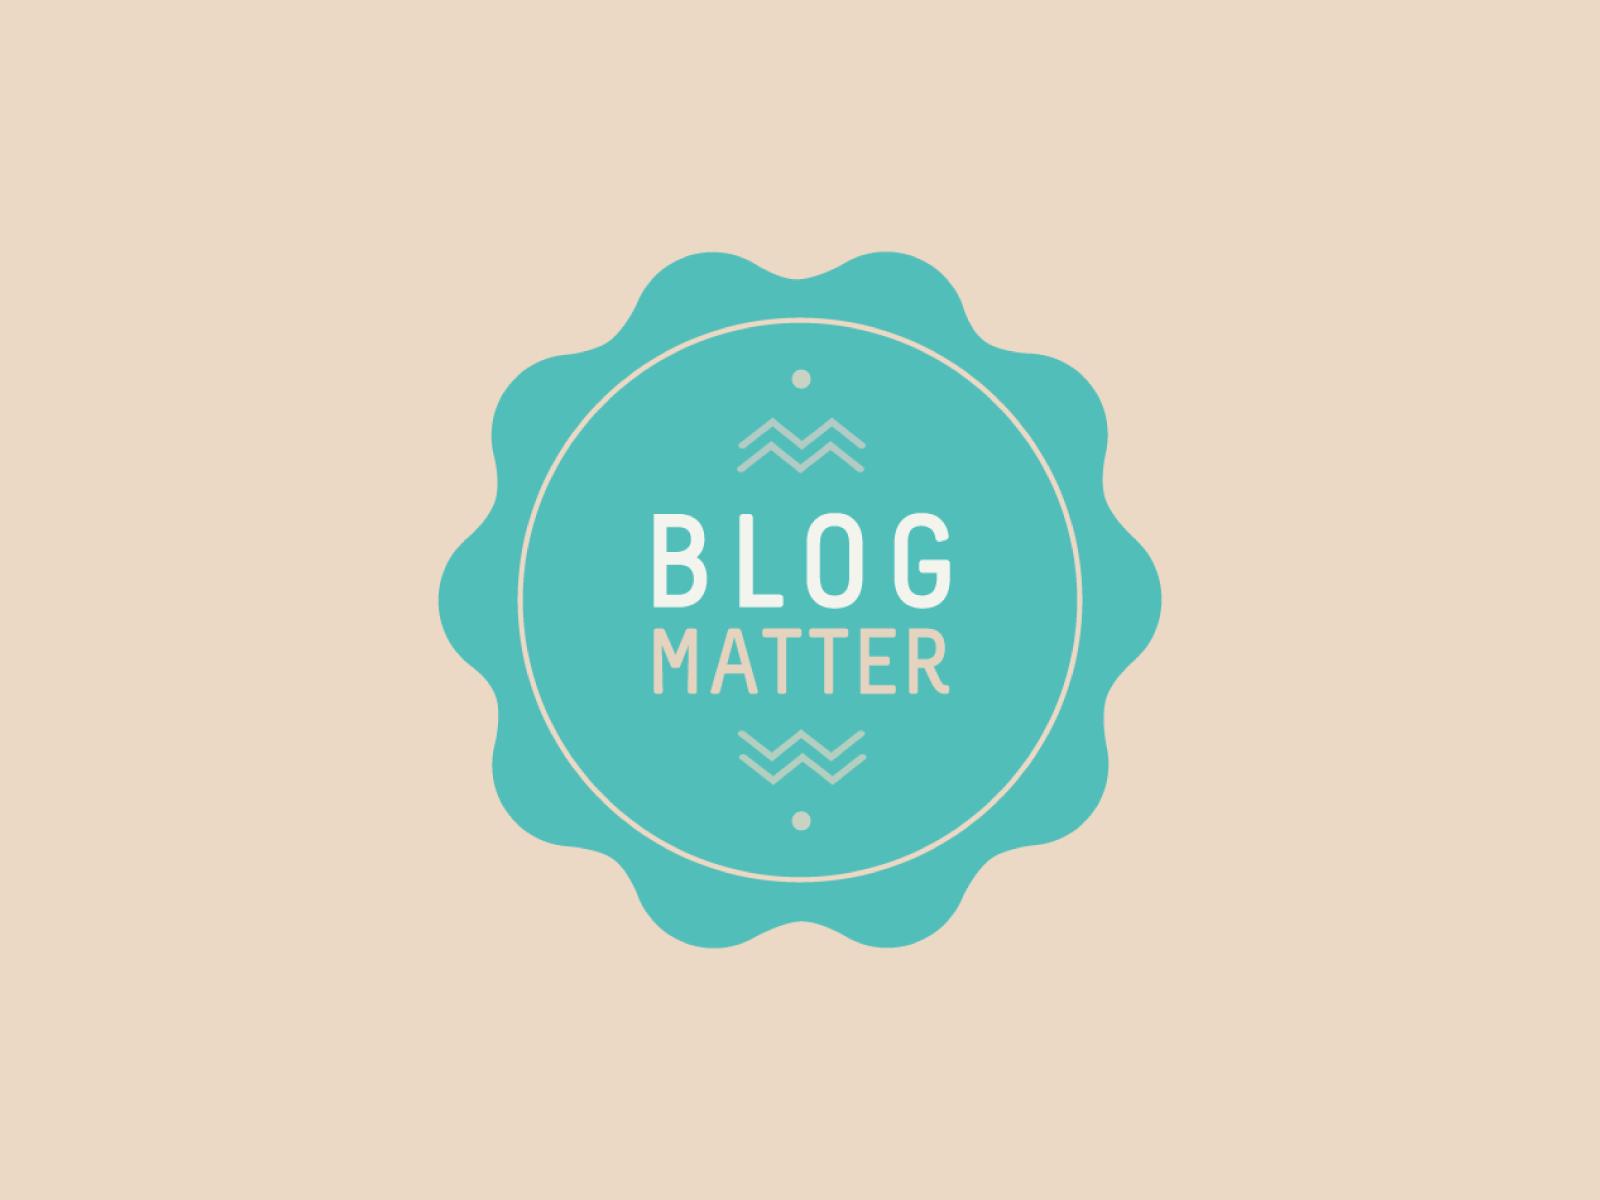 Blog Matter